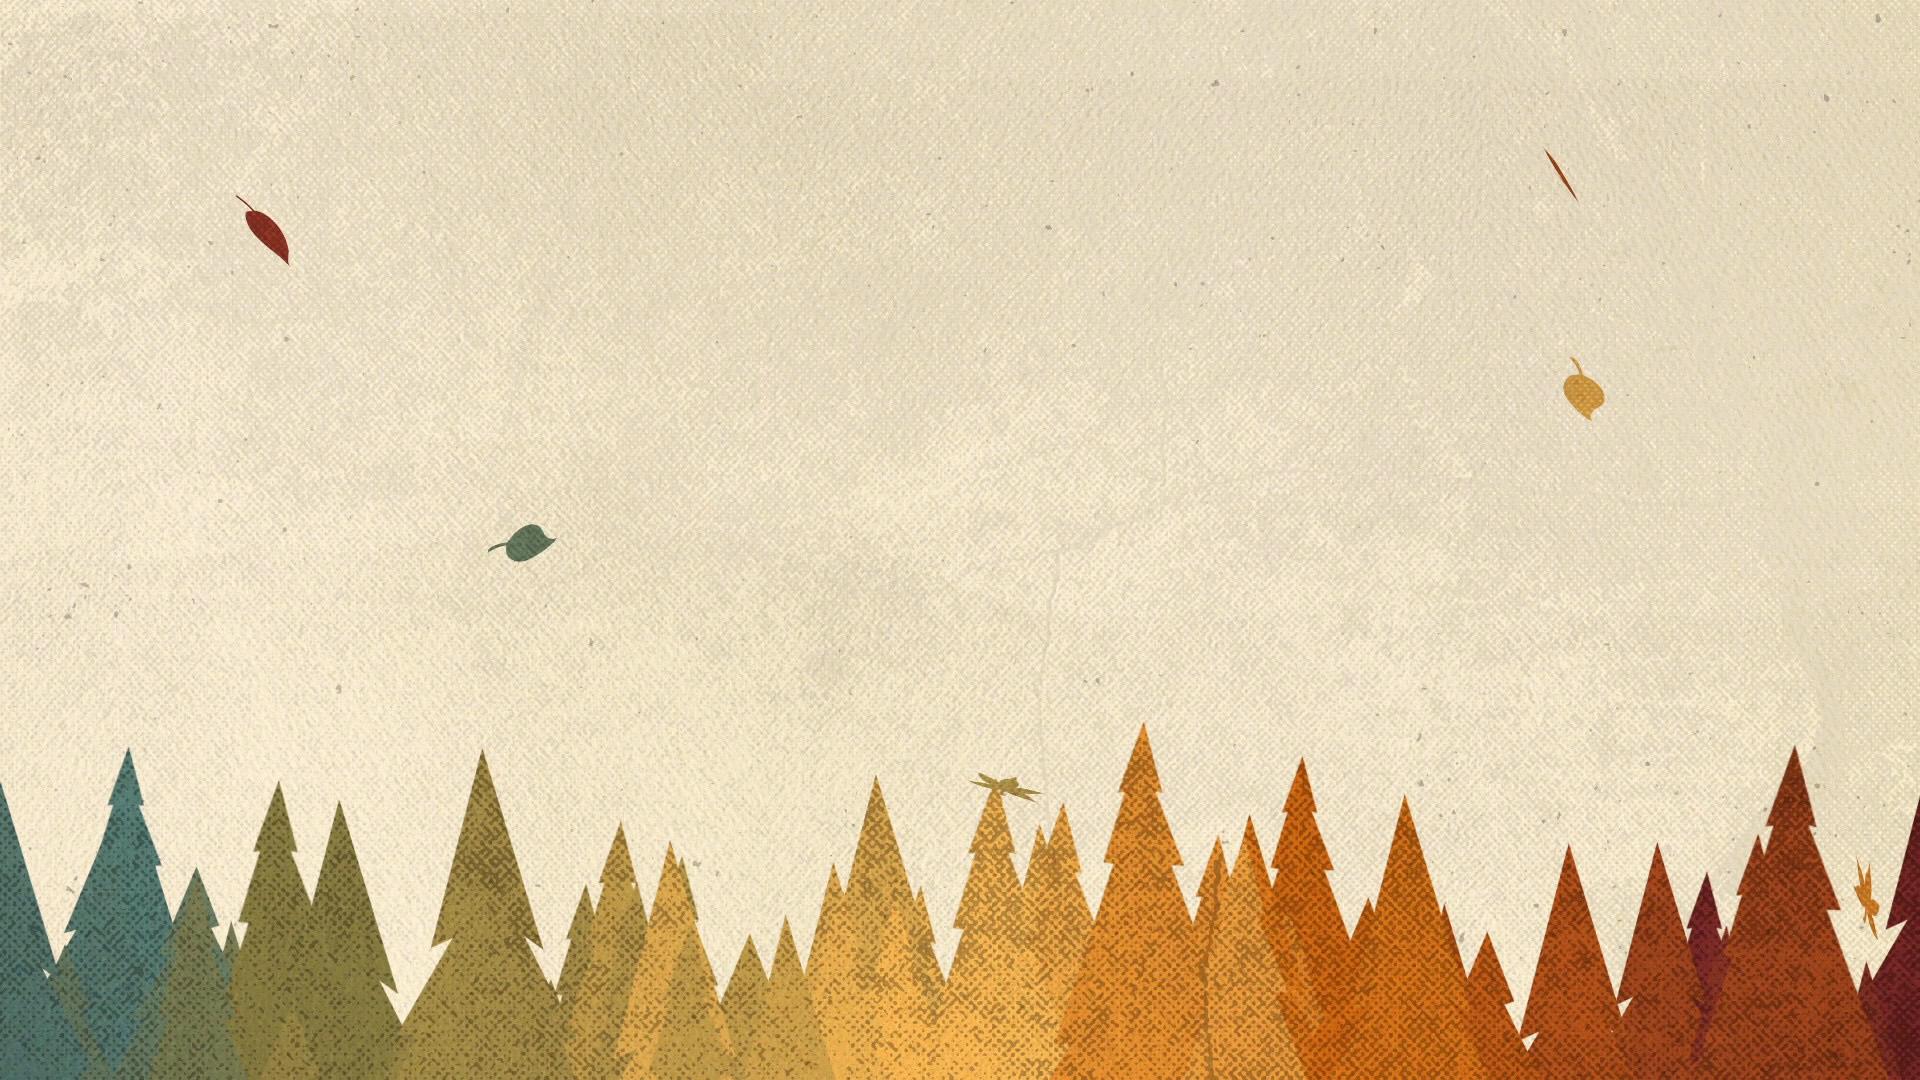 Hình ảnh background vintage rừng thông đẹp